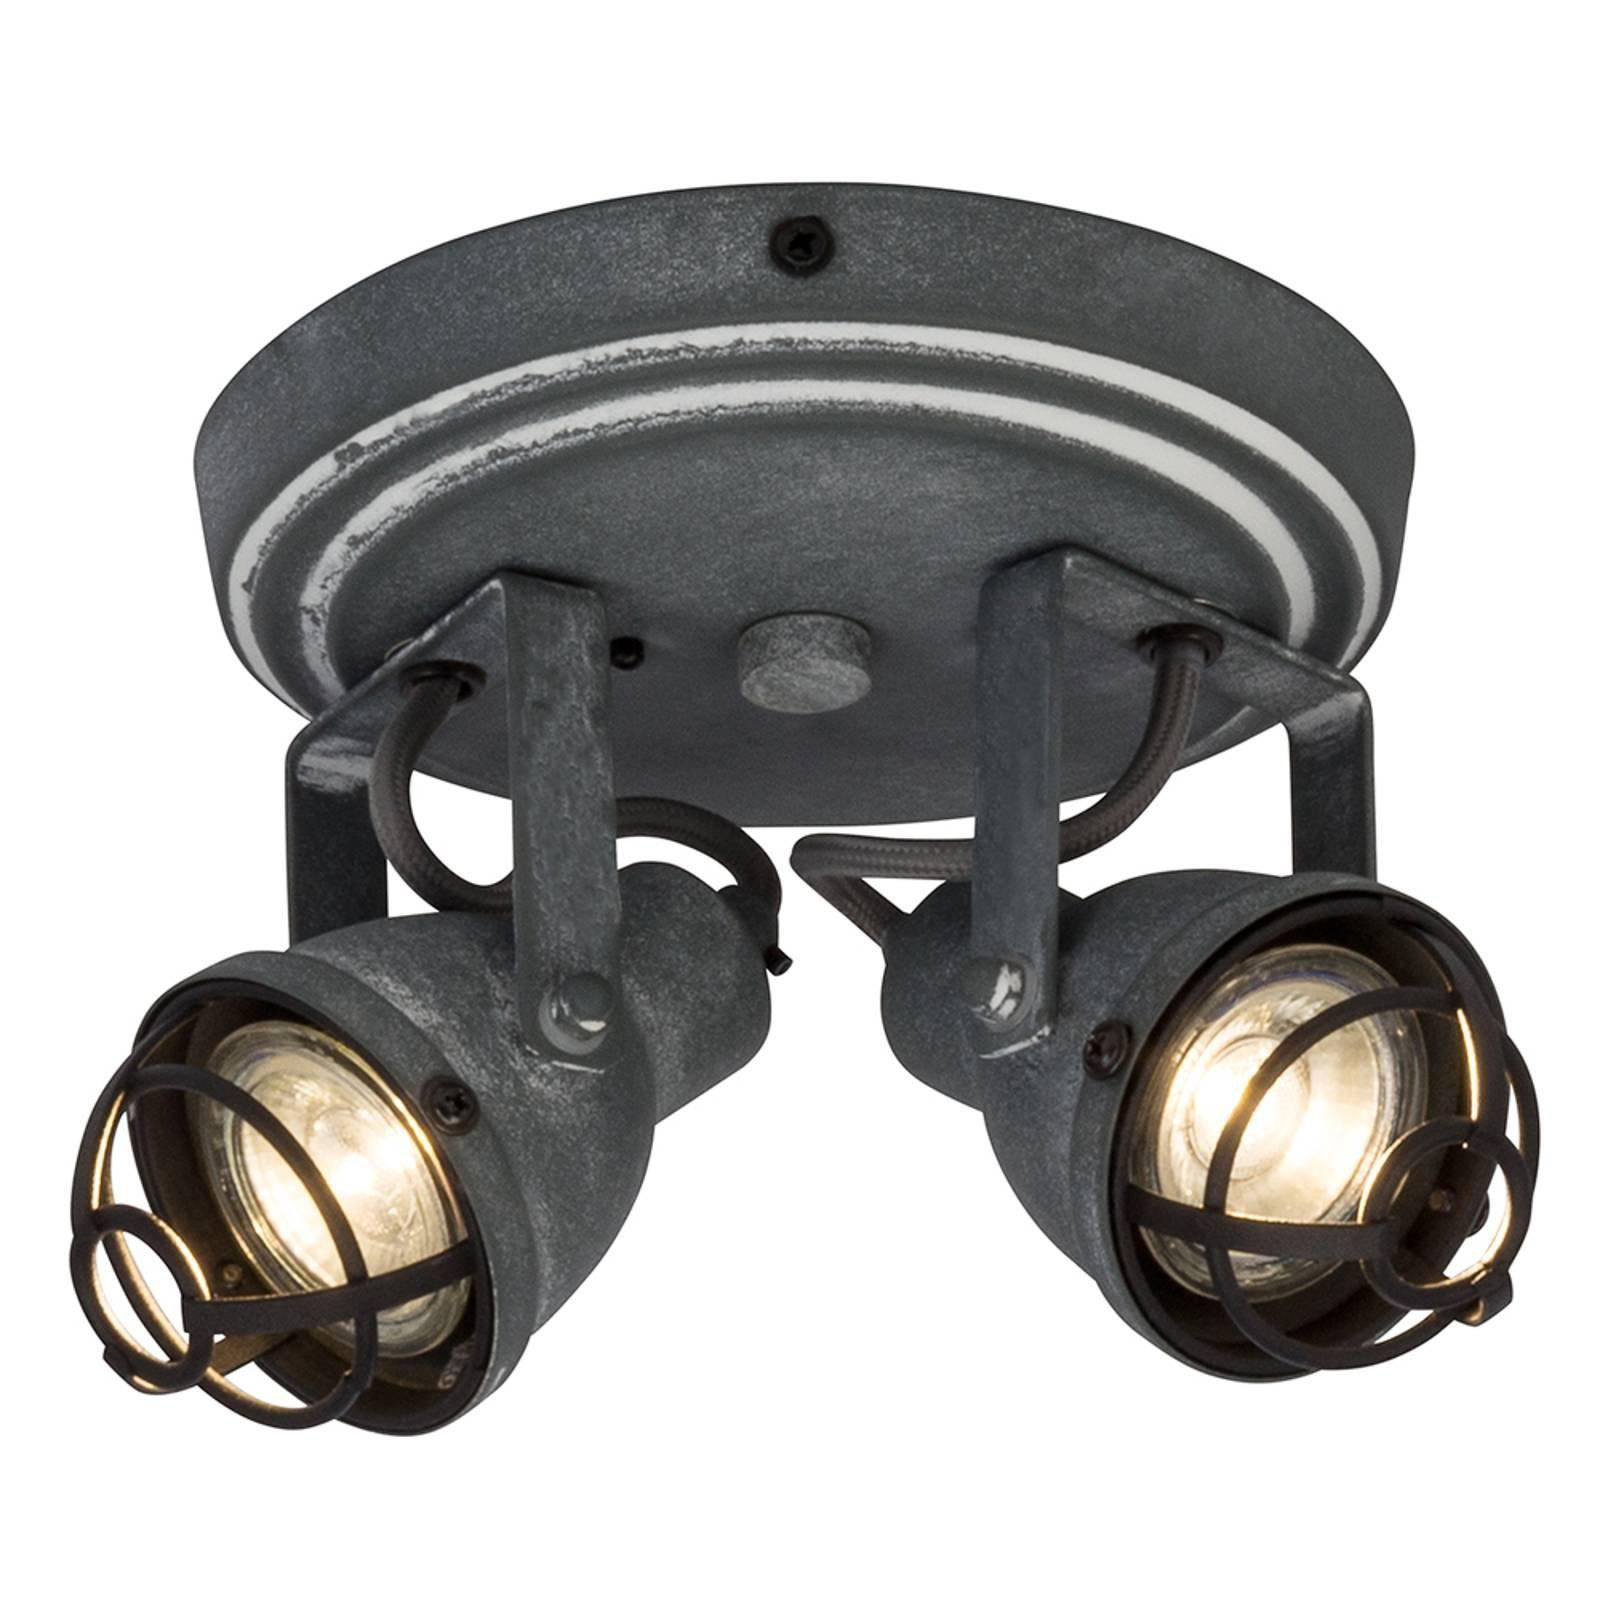 Sirkelformet takspot Bente med to LED spotter